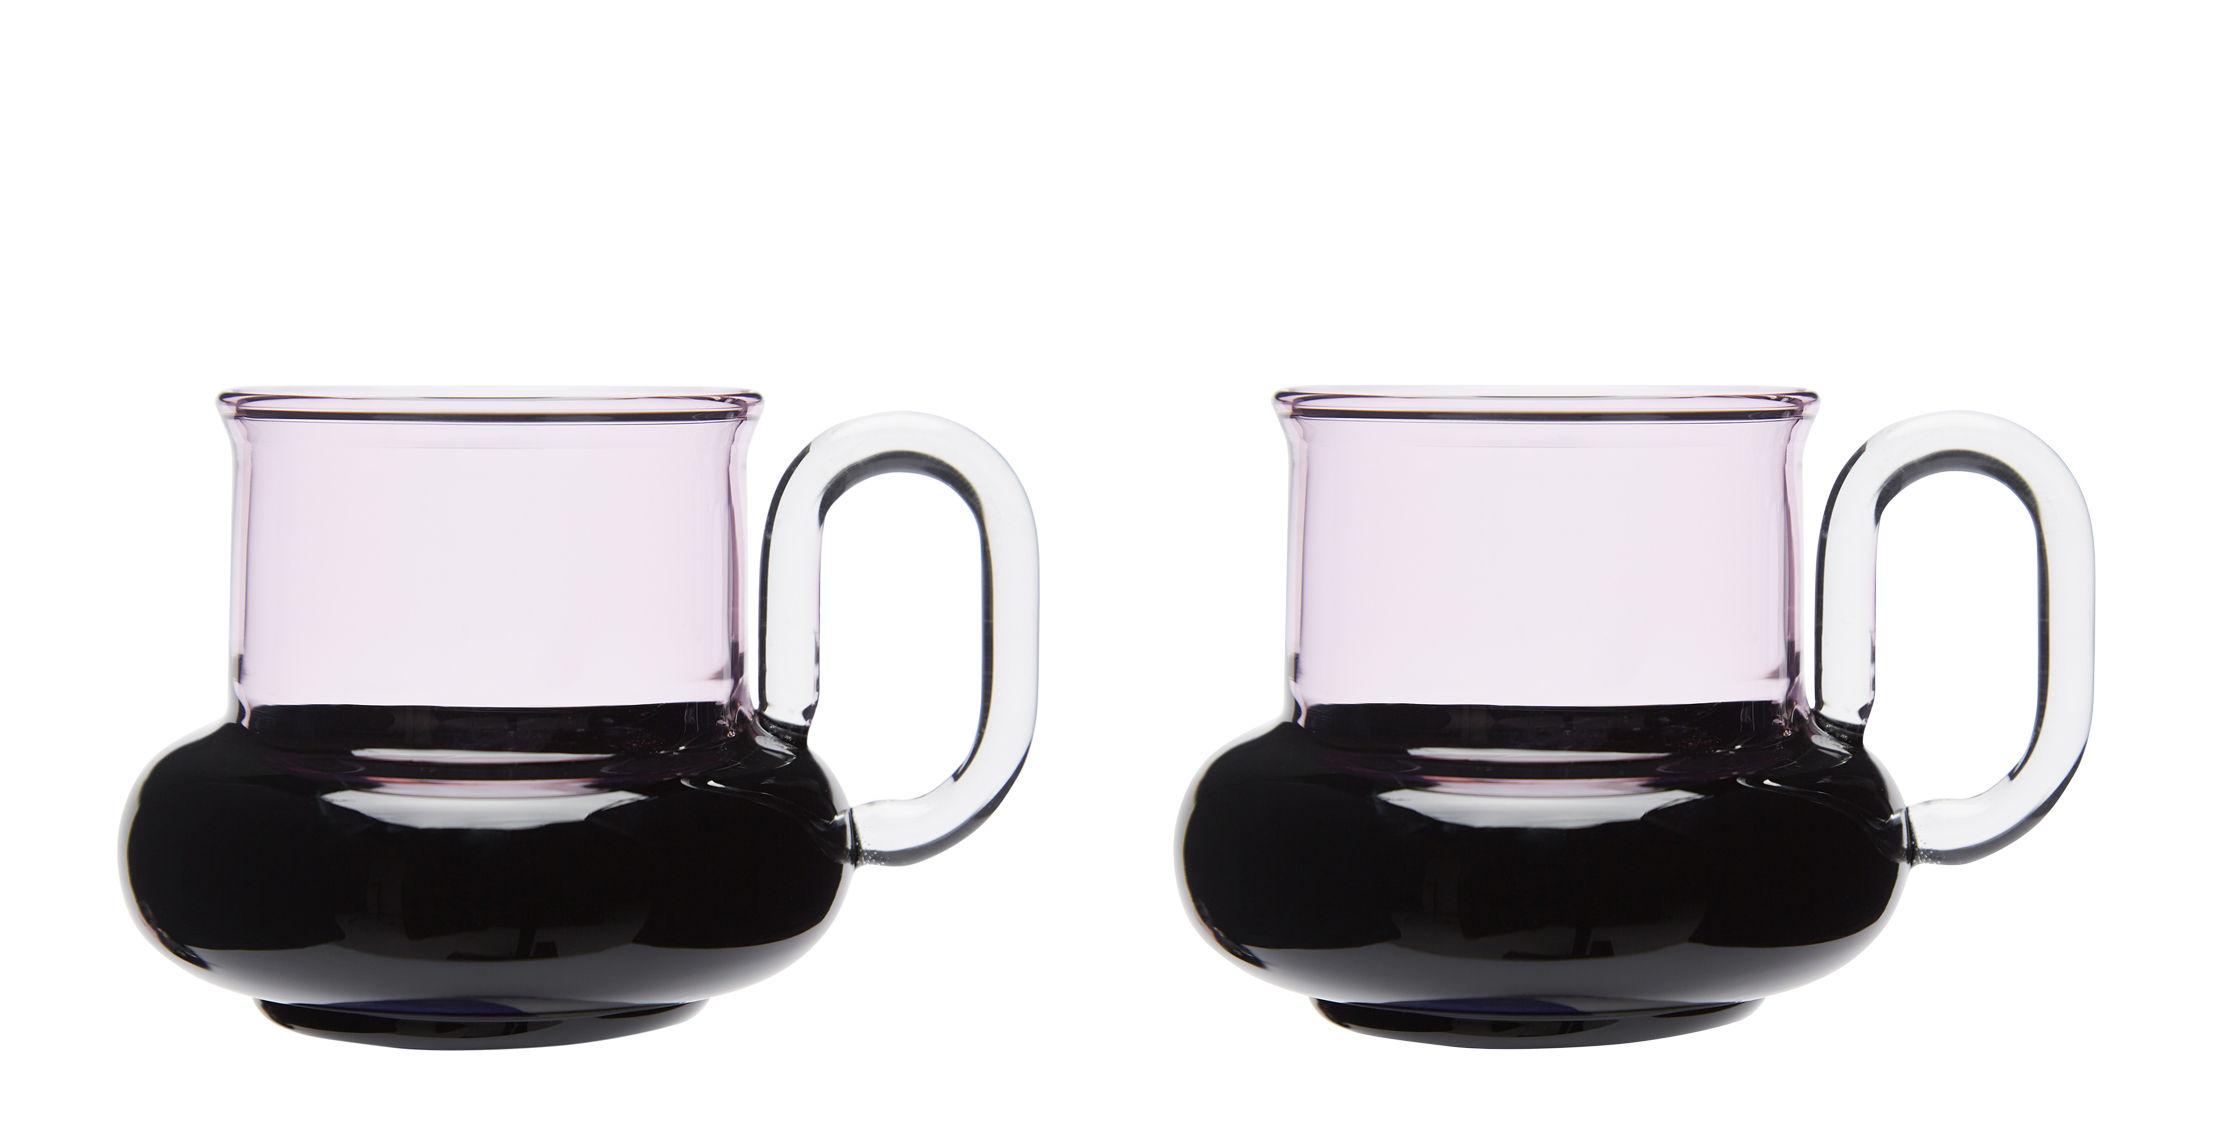 Arts de la table - Tasses et mugs - Tasse à thé Bump / Set de 2 - Verre soufflé - Tom Dixon - Rose & noir - Verre borosilicate soufflé